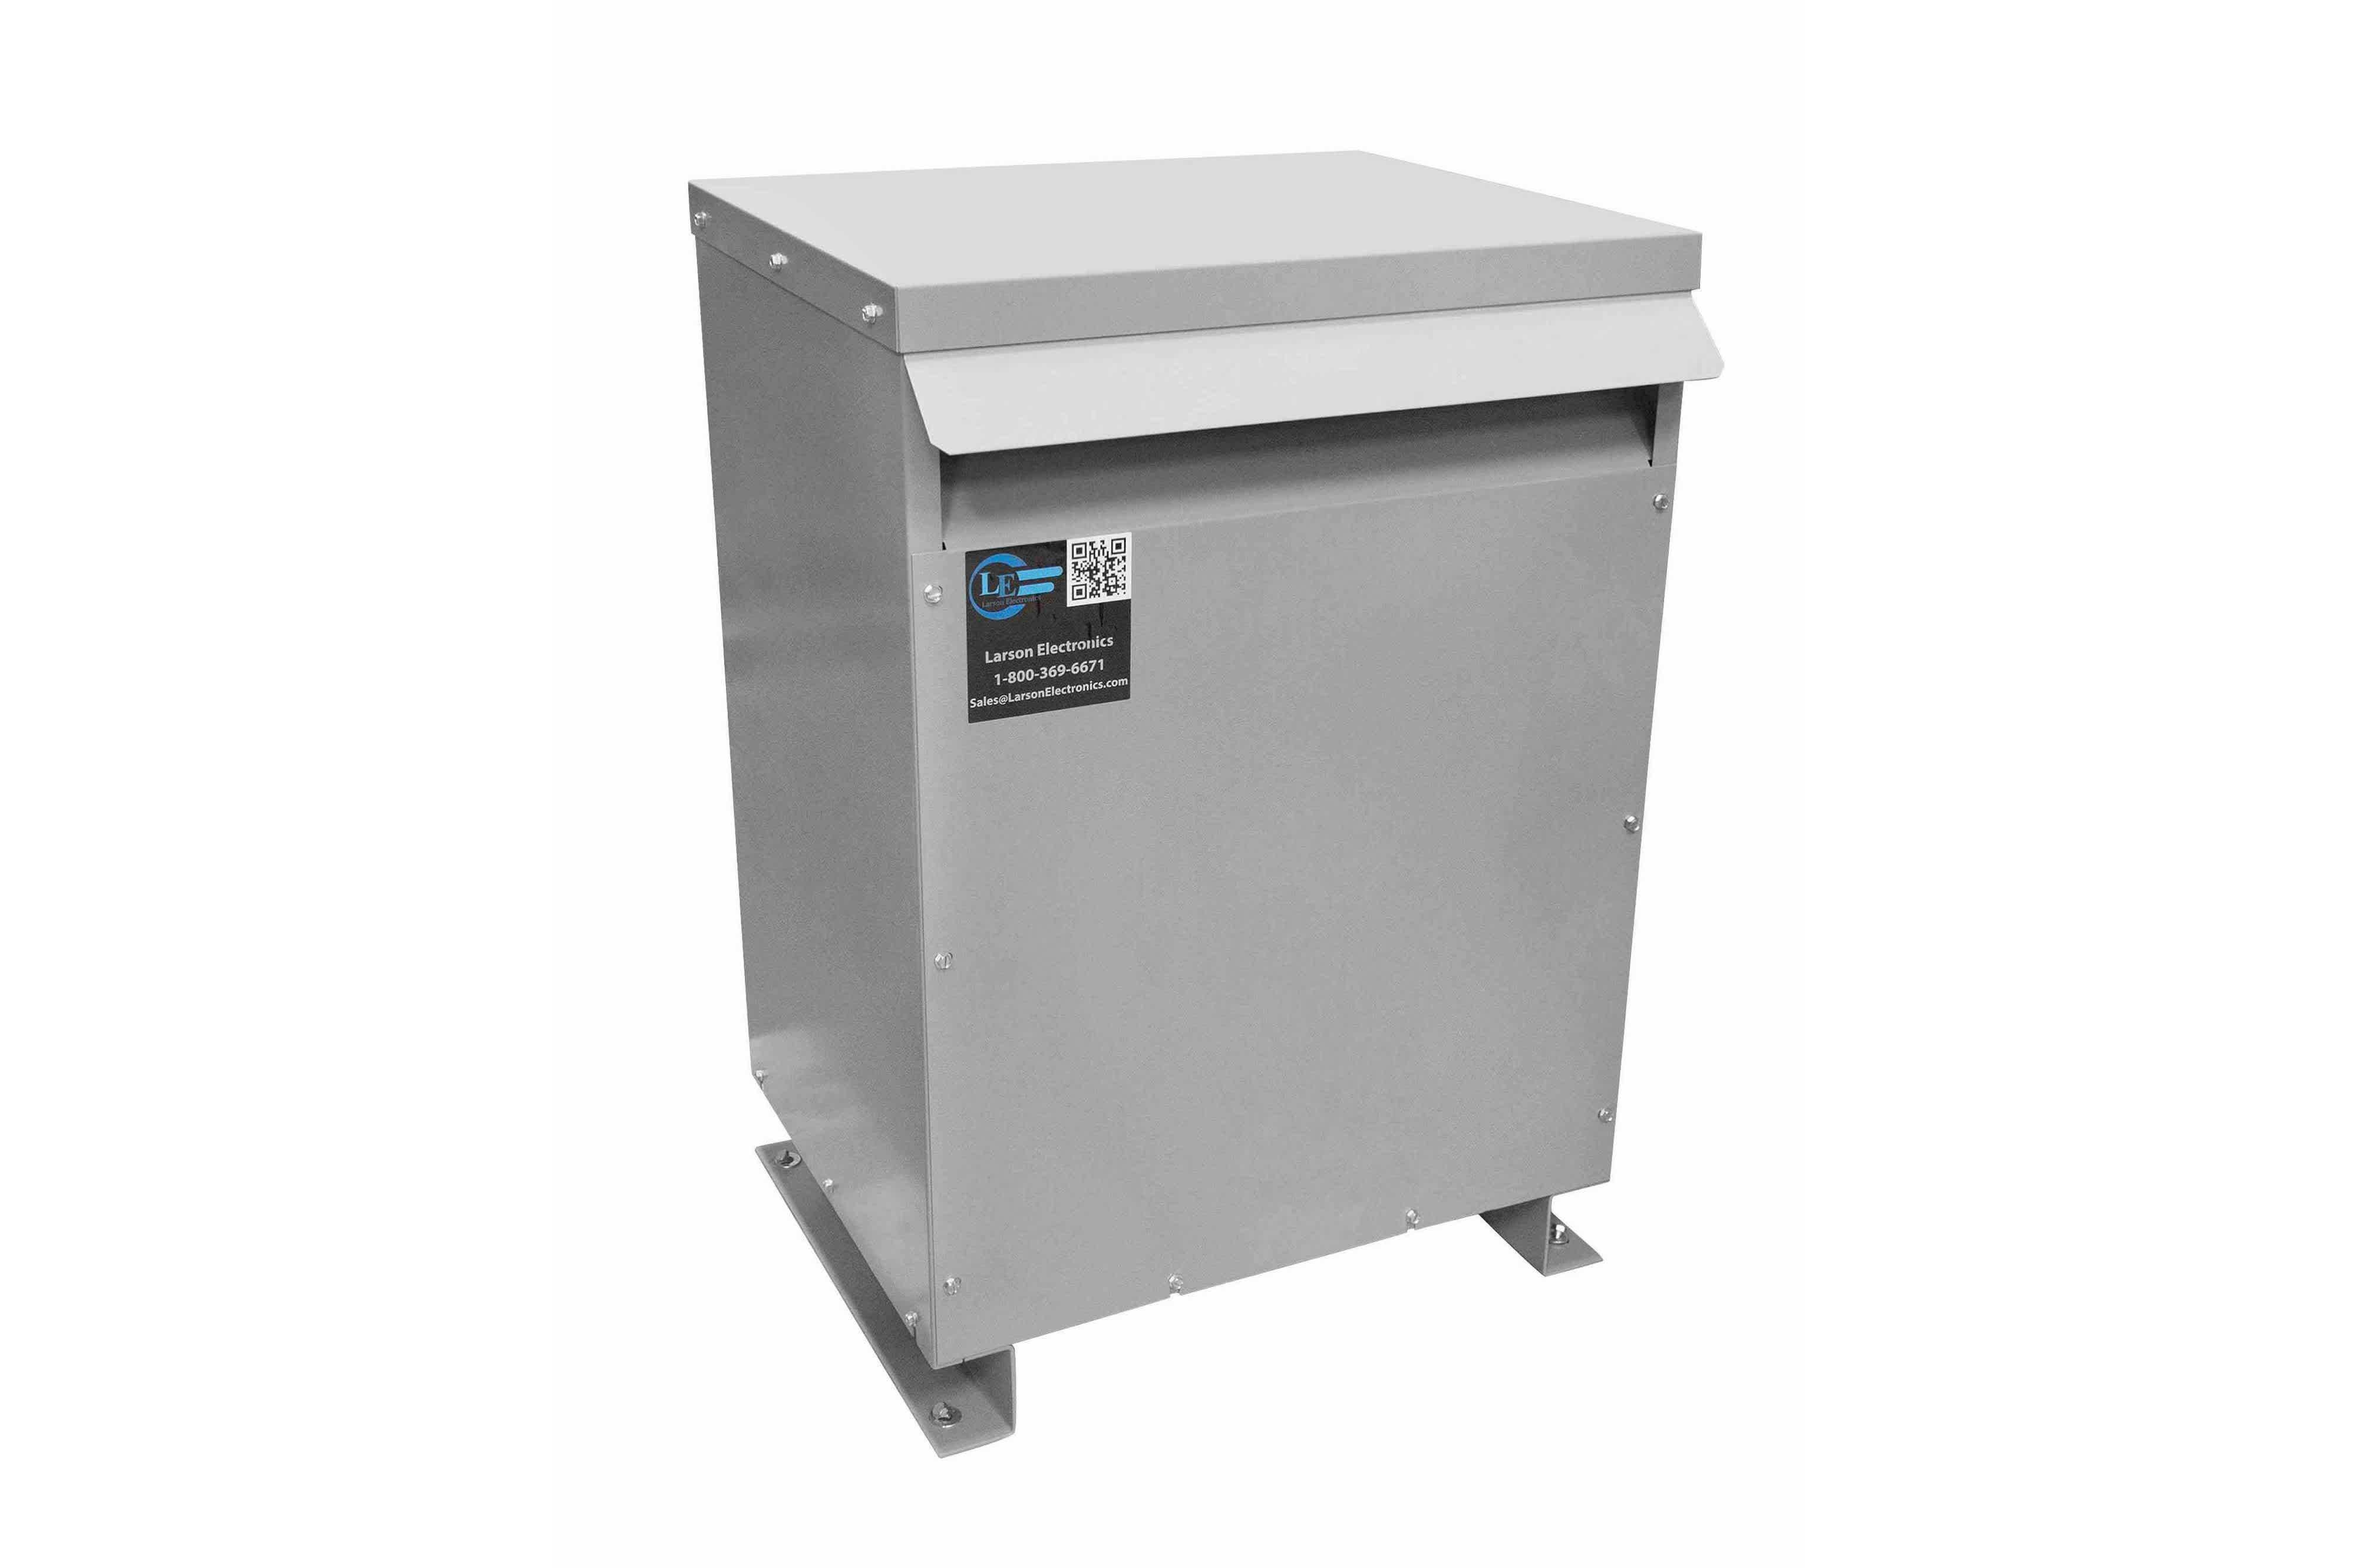 40 kVA 3PH Isolation Transformer, 415V Delta Primary, 208V Delta Secondary, N3R, Ventilated, 60 Hz